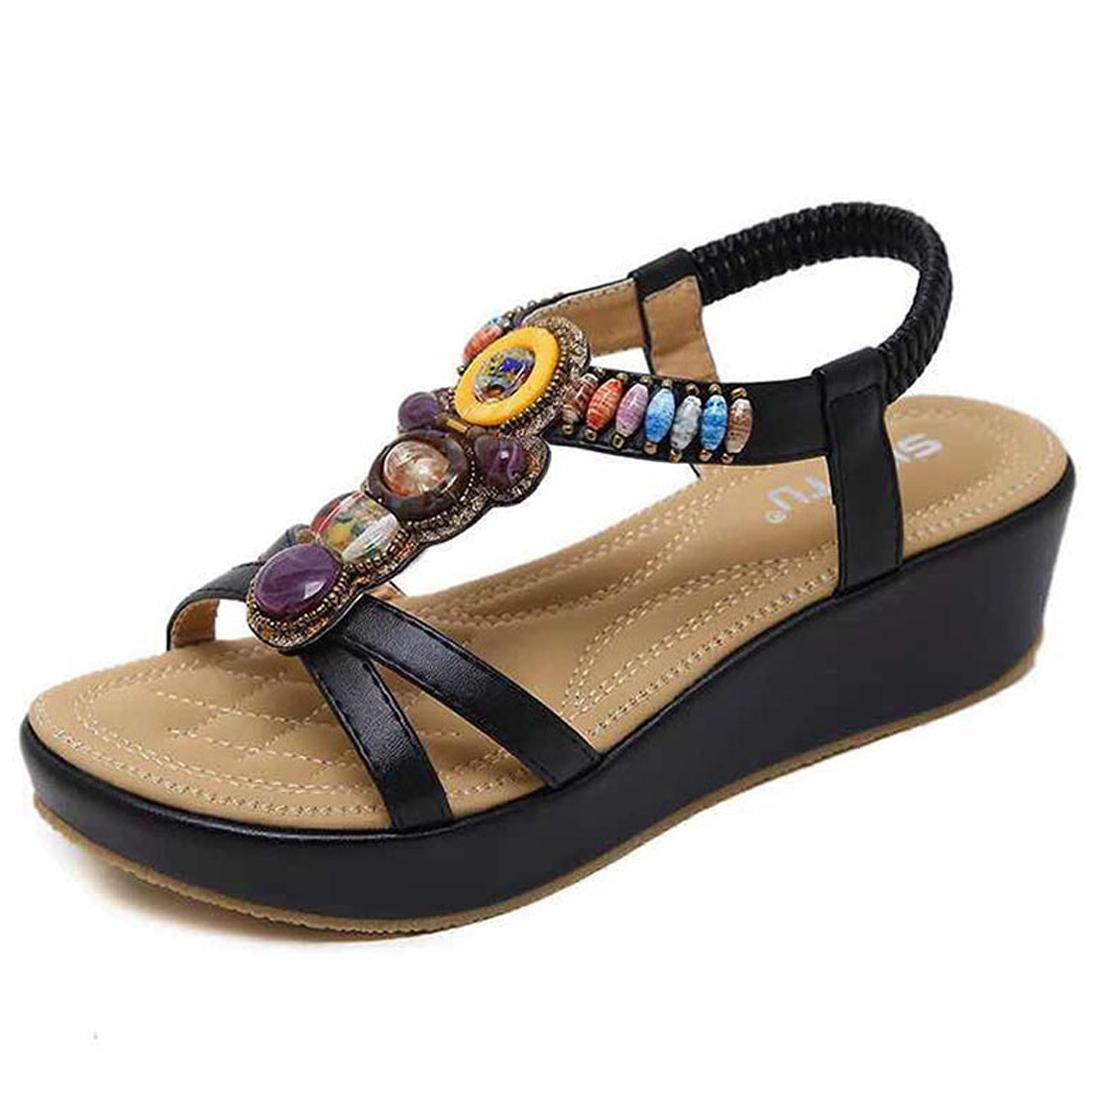 2020 lüks sihirli çubuk siyah beyaz cowskin gerçek deri platformu tasarımcı sandalet kadın moda ayakkabılar boyutu 35-41 tradingbear 11P718